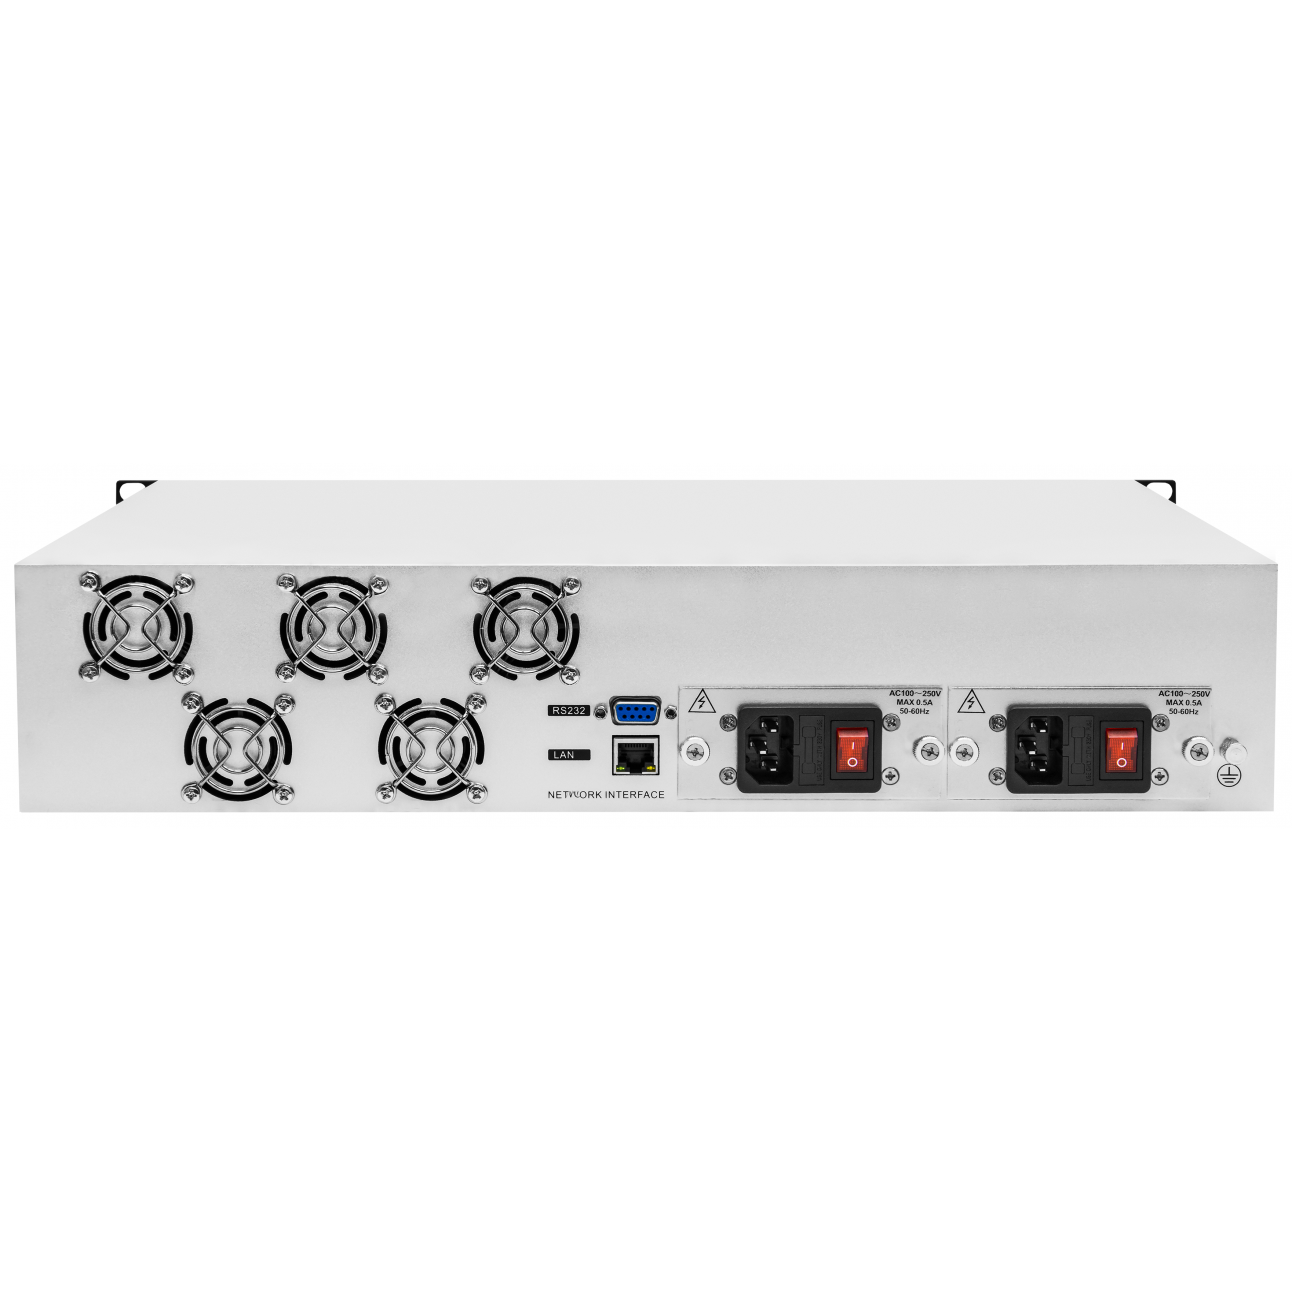 Оптический усилитель VERMAX для сетей КТВ, 2 входа, 16*16dBm выхода, WDM фильтр PON